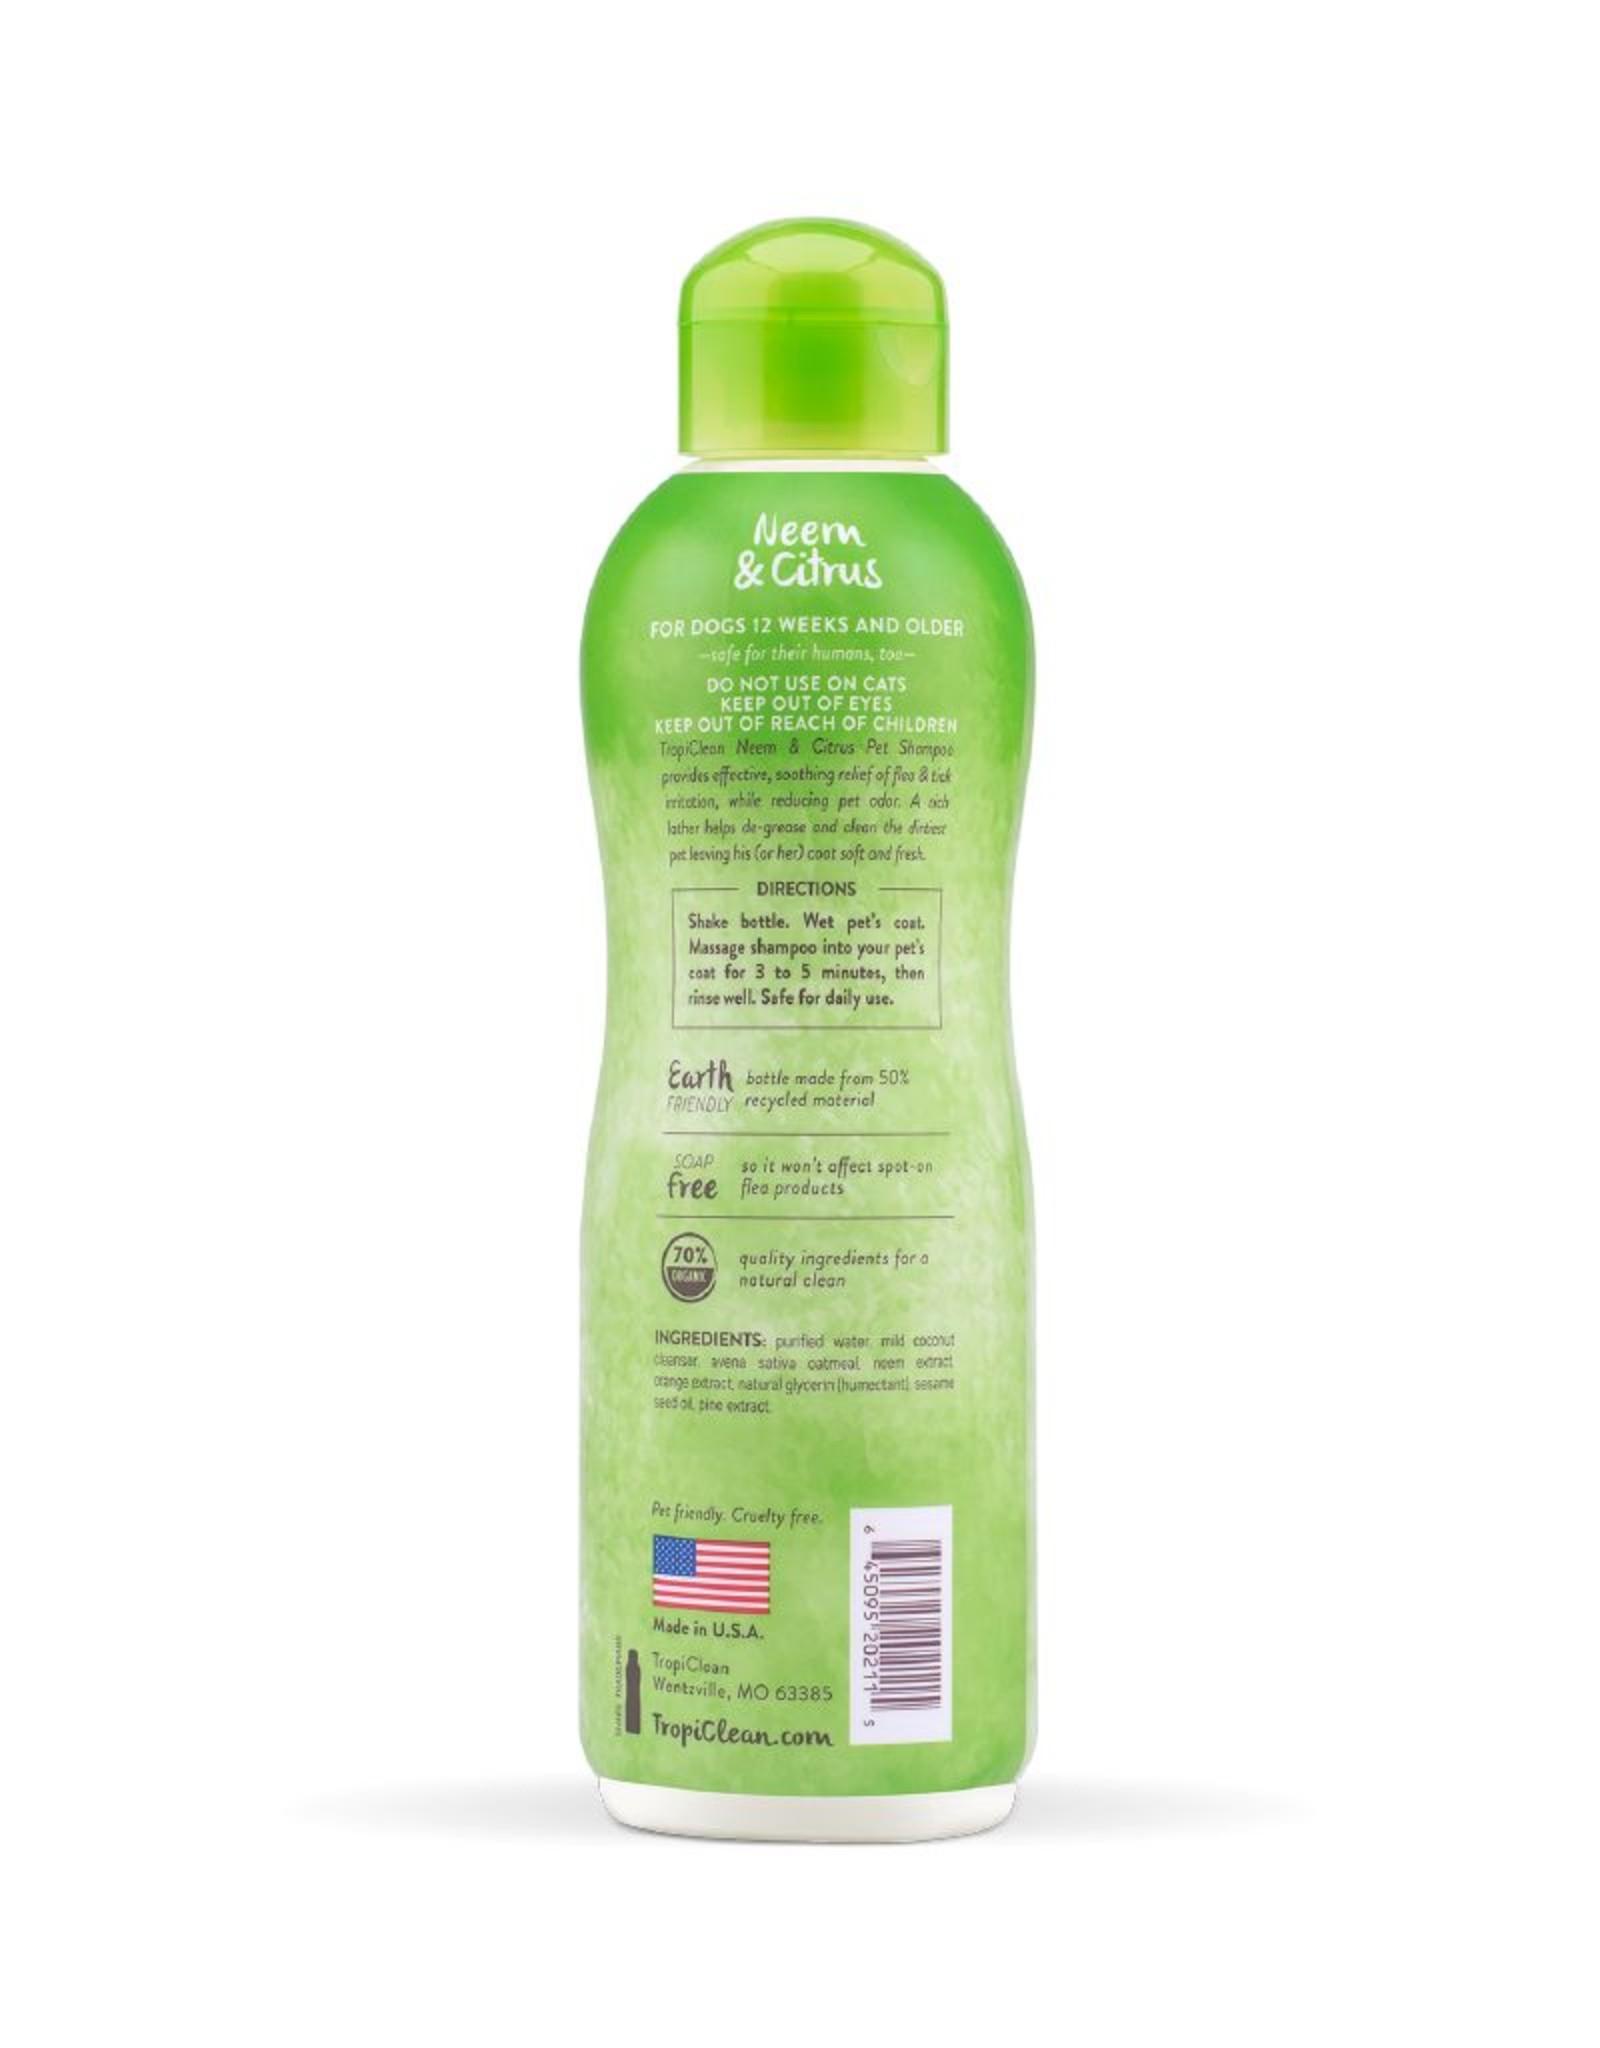 TROPICLEAN TropiClean | Neem & Citrus Dog Shampoo 20 oz